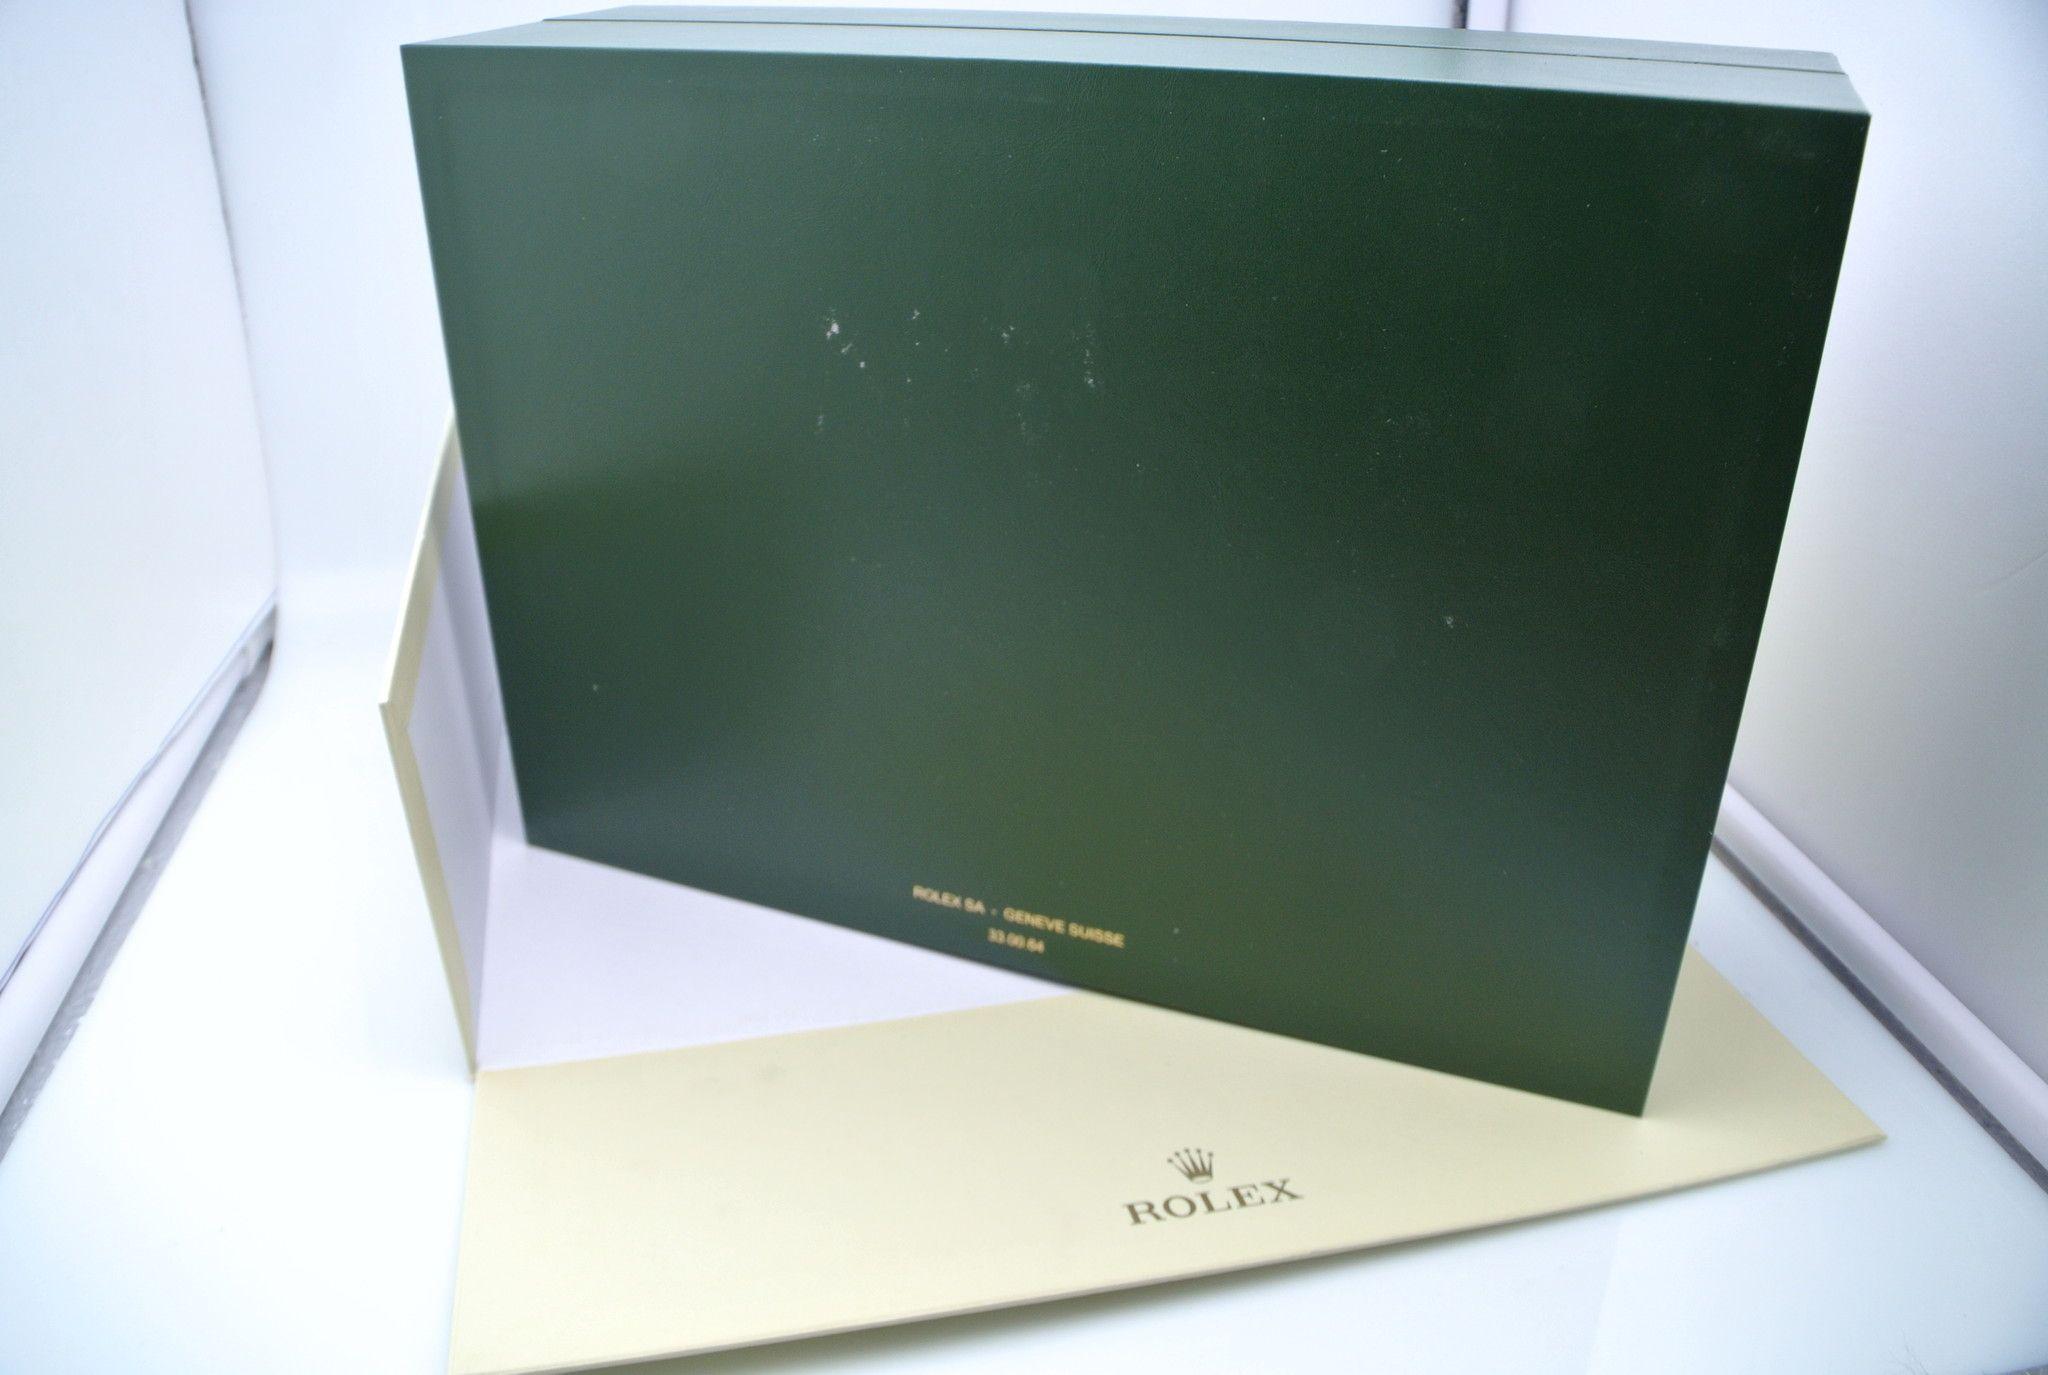 ROLEX Big verde ref 33.00.64 per SACO 33.00.64